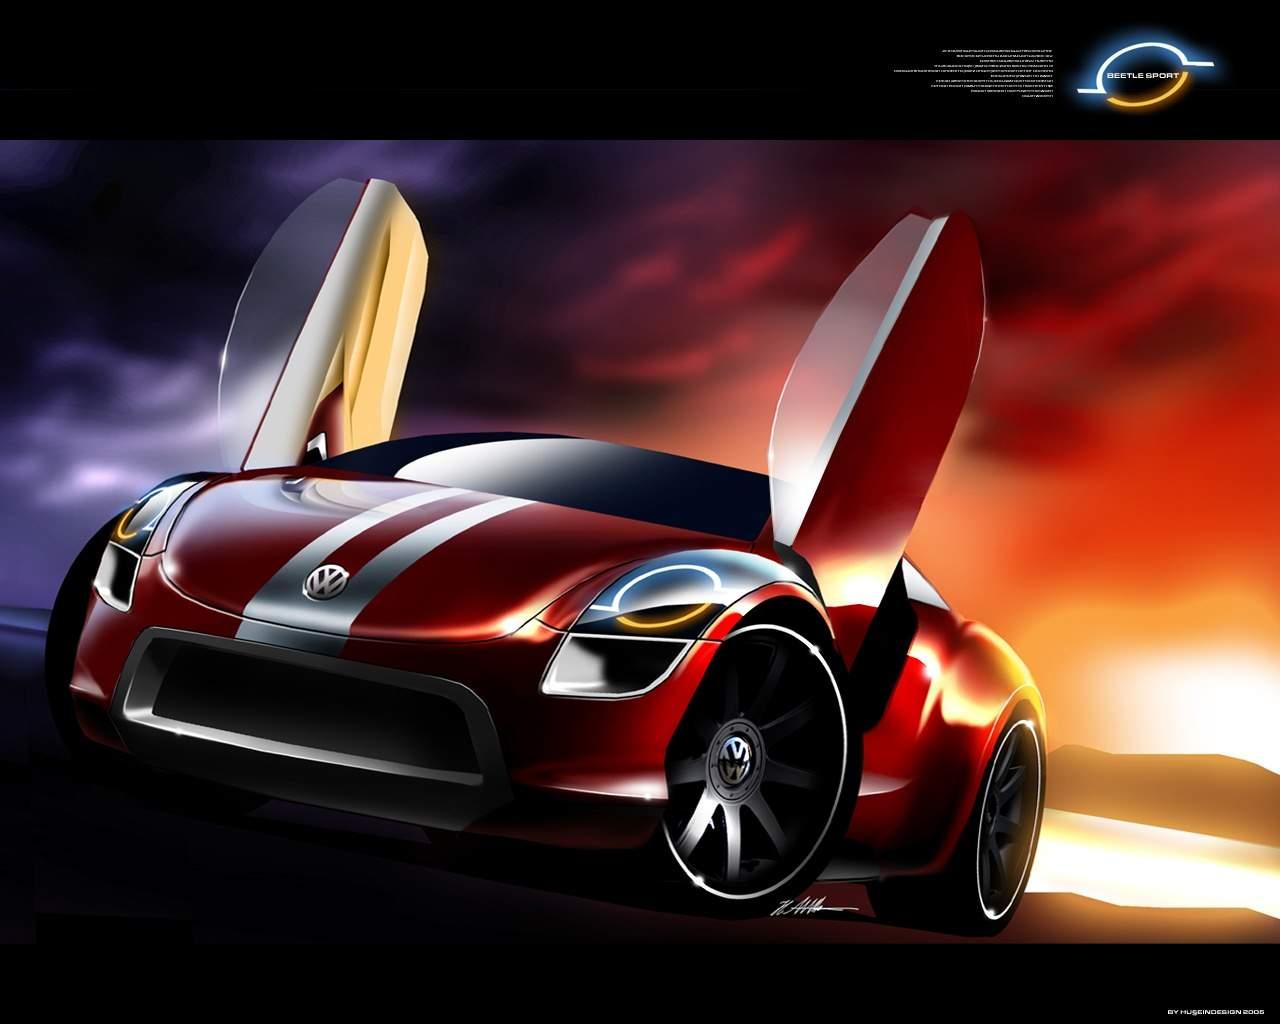 http://1.bp.blogspot.com/-Spq2Fbnxdas/T6QswQuQ_ZI/AAAAAAAAKEc/mMBy1pkZvKY/s1600/volkswagen_beetle_concept_design.jpg